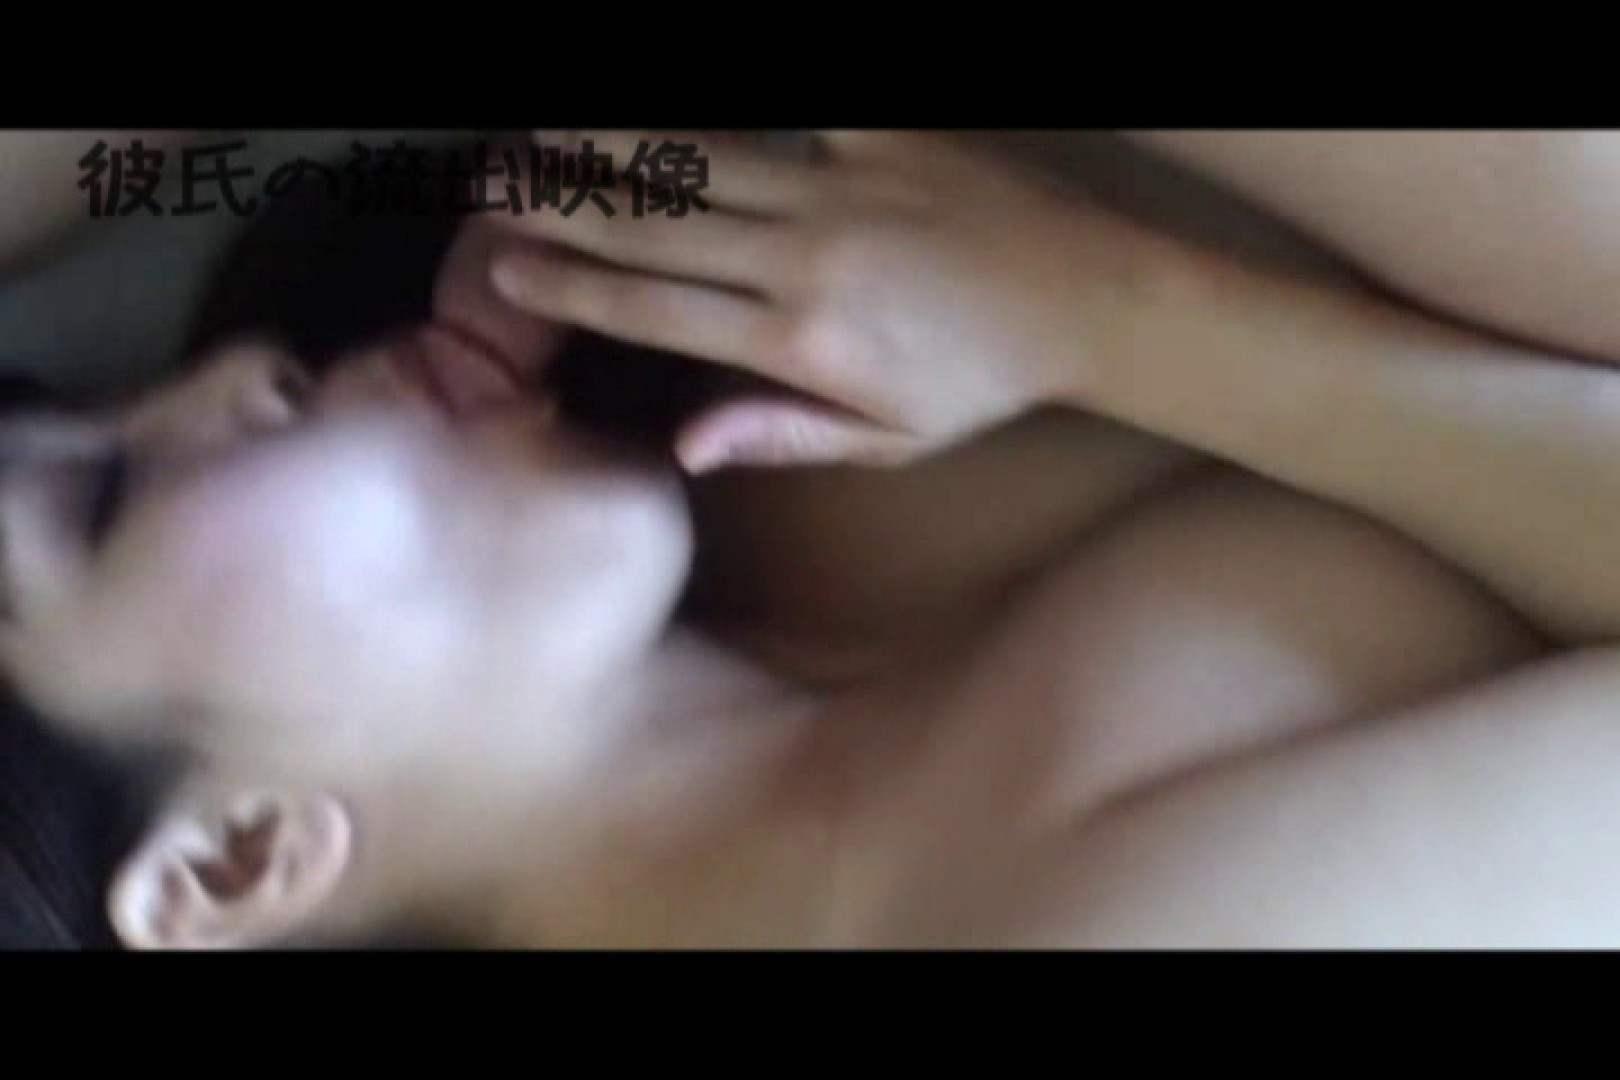 彼氏が流出 パイパン素人嬢のハメ撮り映像03 パイパン | カップル  49PIX 31